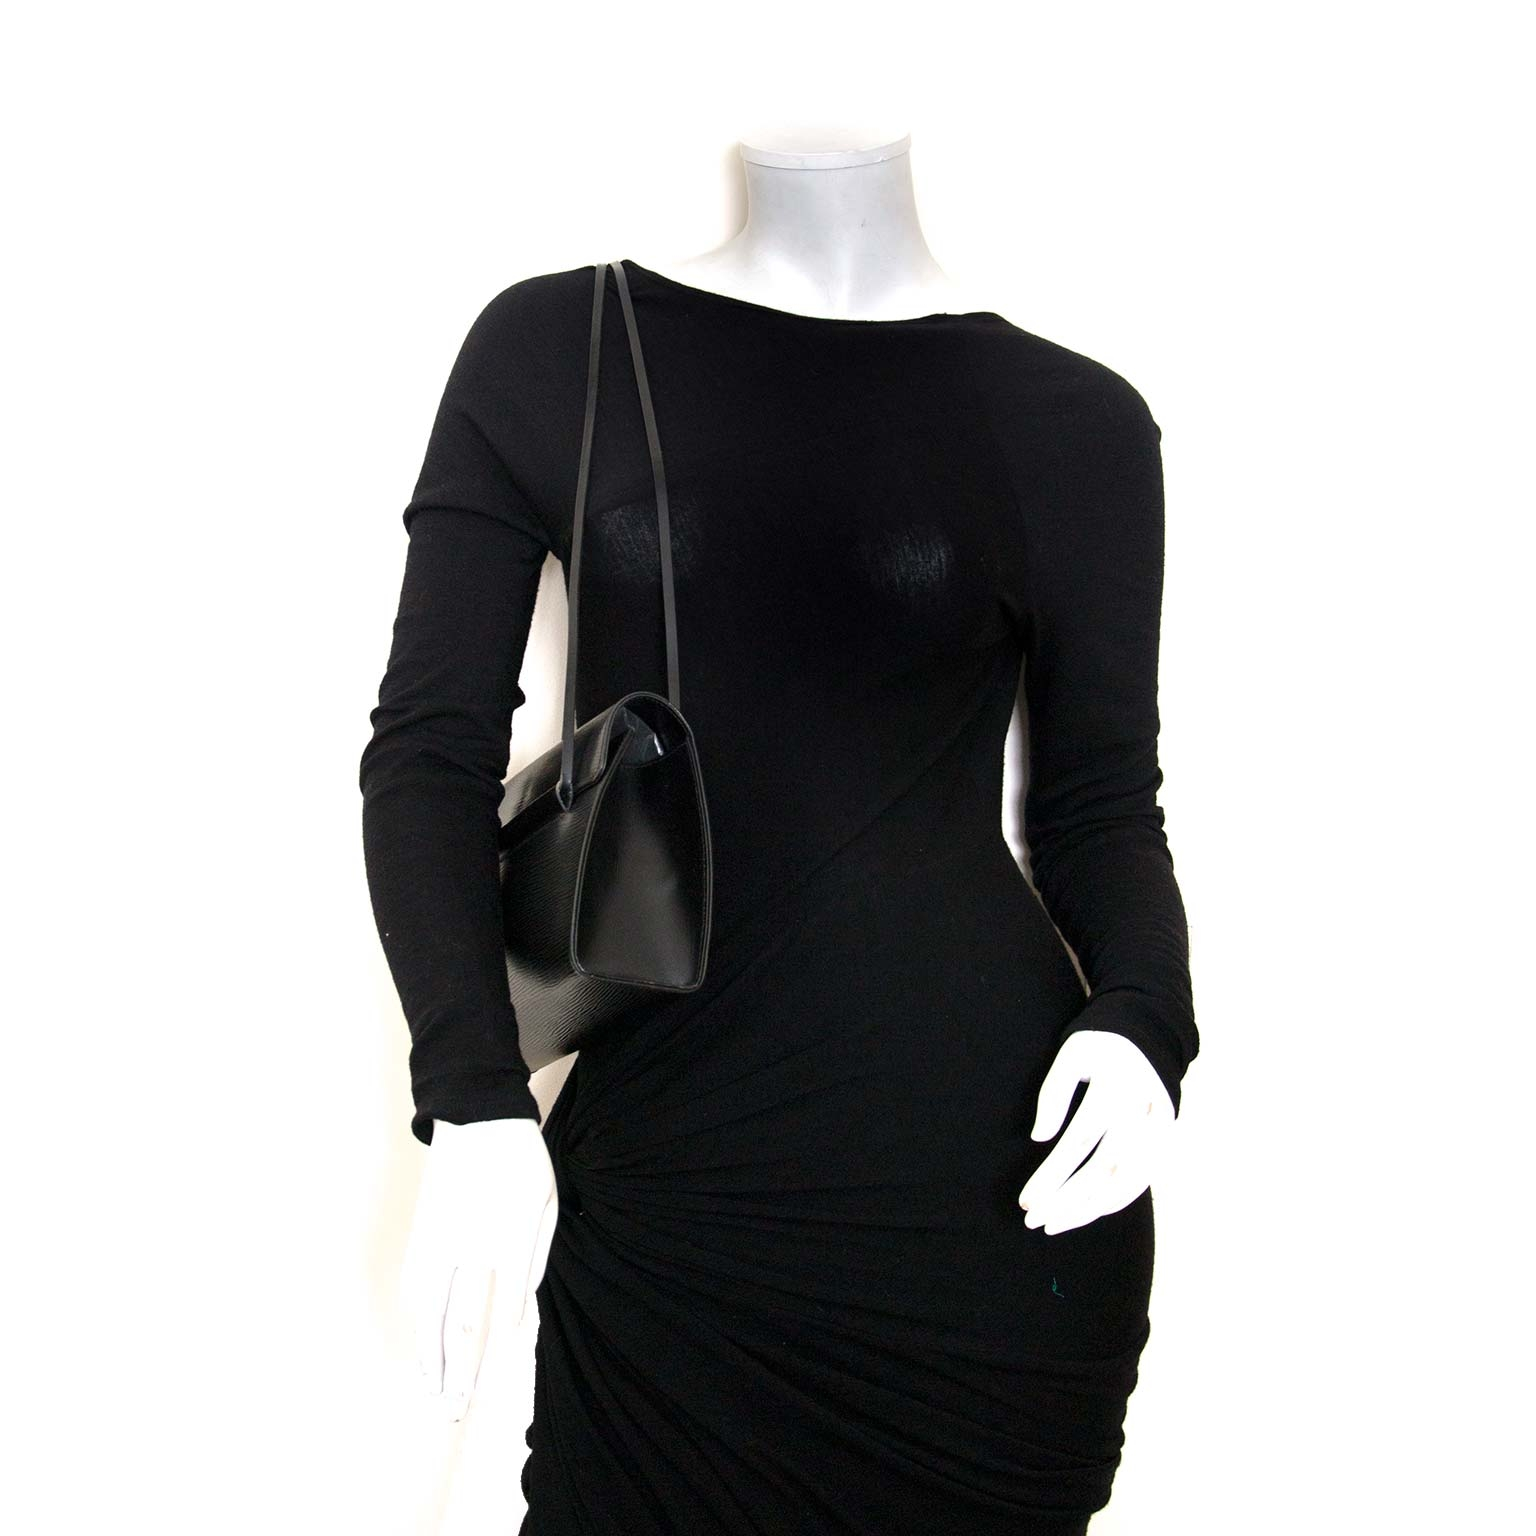 bent u op zoek naar een authentieke Louis Vuitton Epi Dinard Black Shoulder Bag?